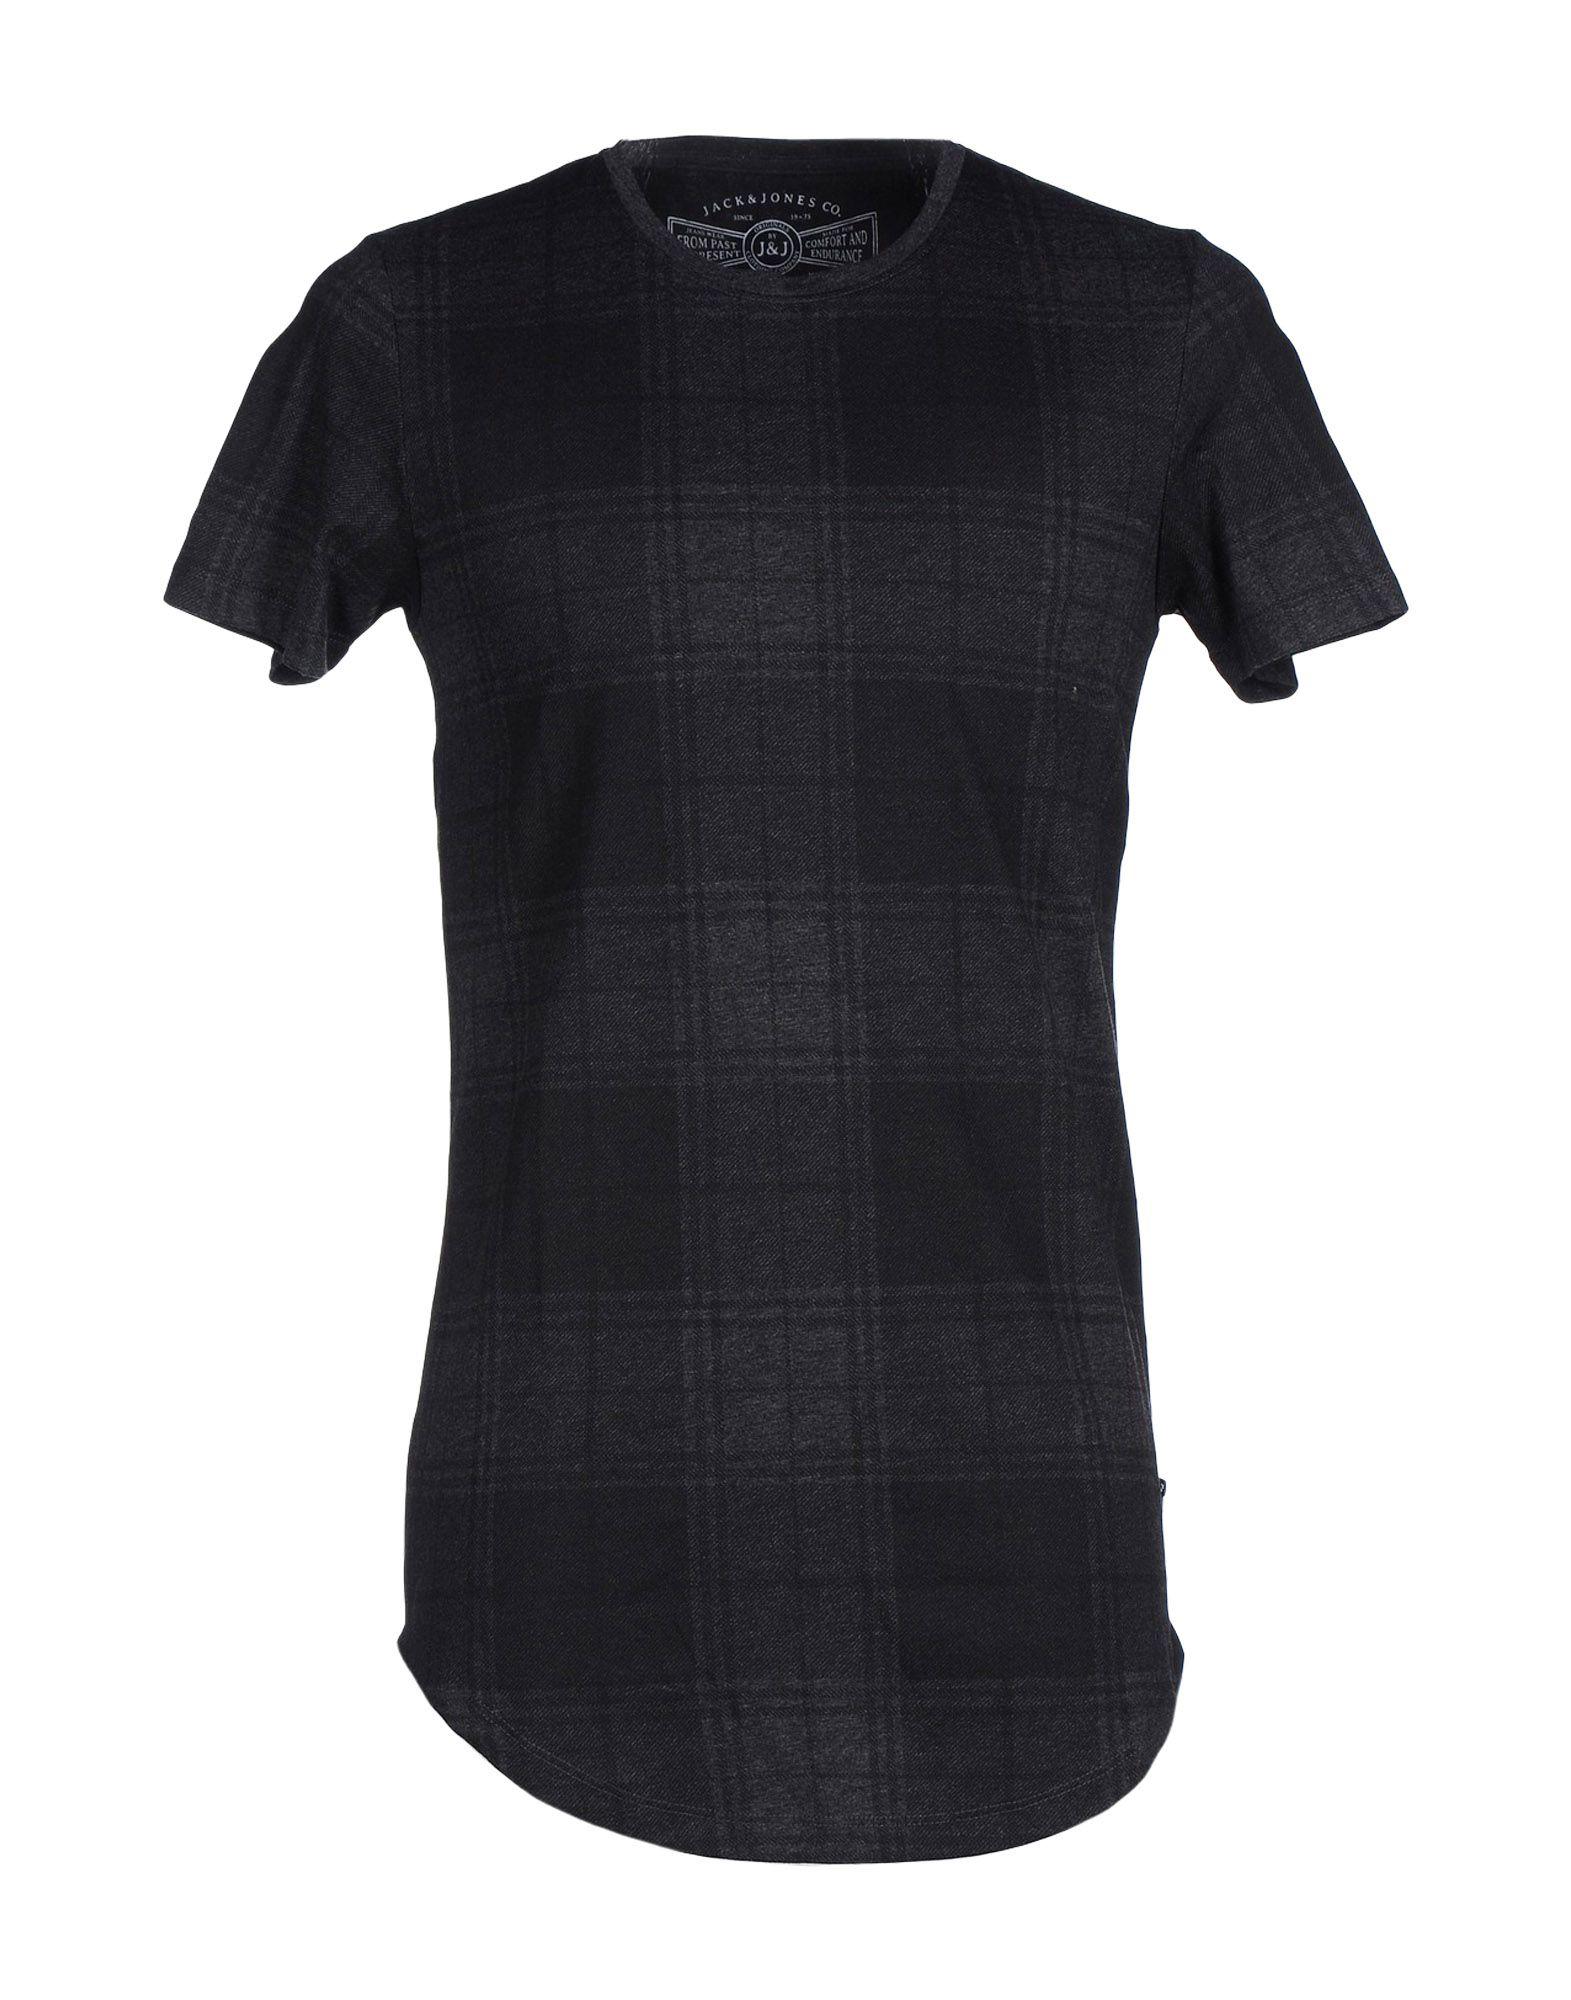 lyst originals by jack jones t shirt in gray for men. Black Bedroom Furniture Sets. Home Design Ideas